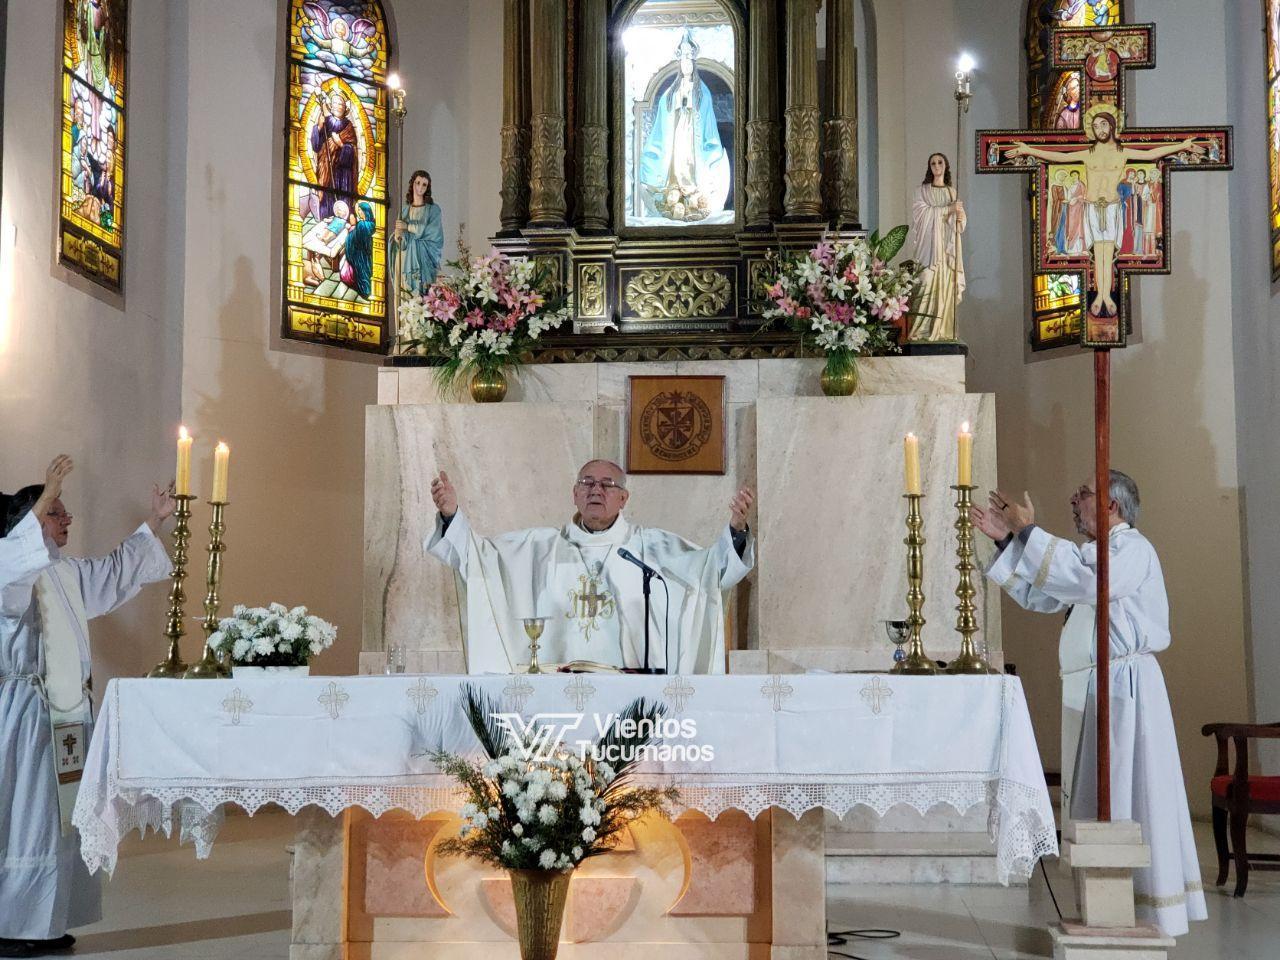 Obispo 3